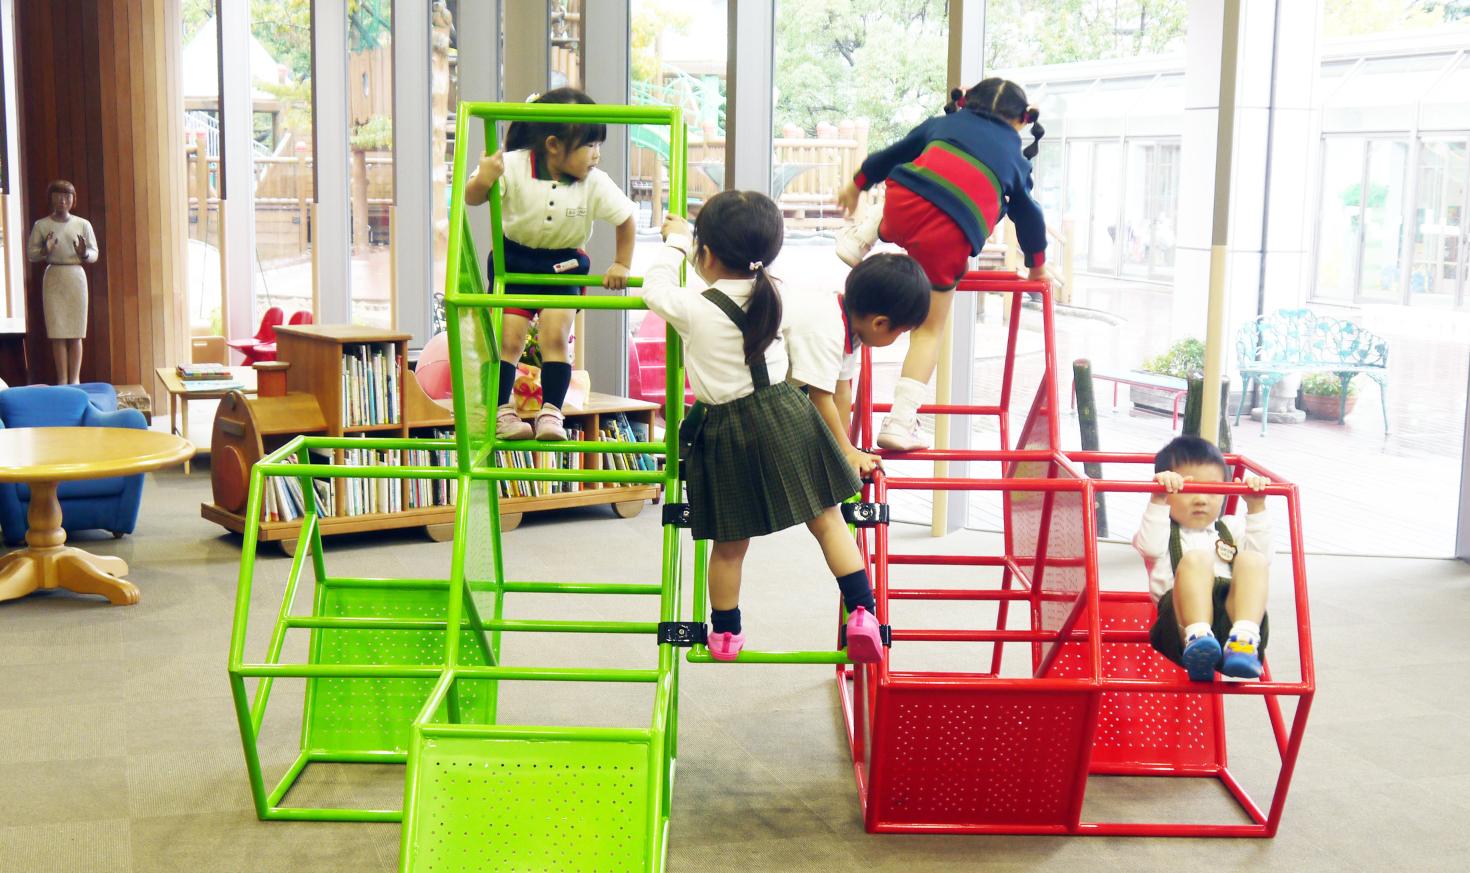 子どもたちを取り巻くデザイン vol.1  遊具デザイナーと考える、遊びとデザインの関係性